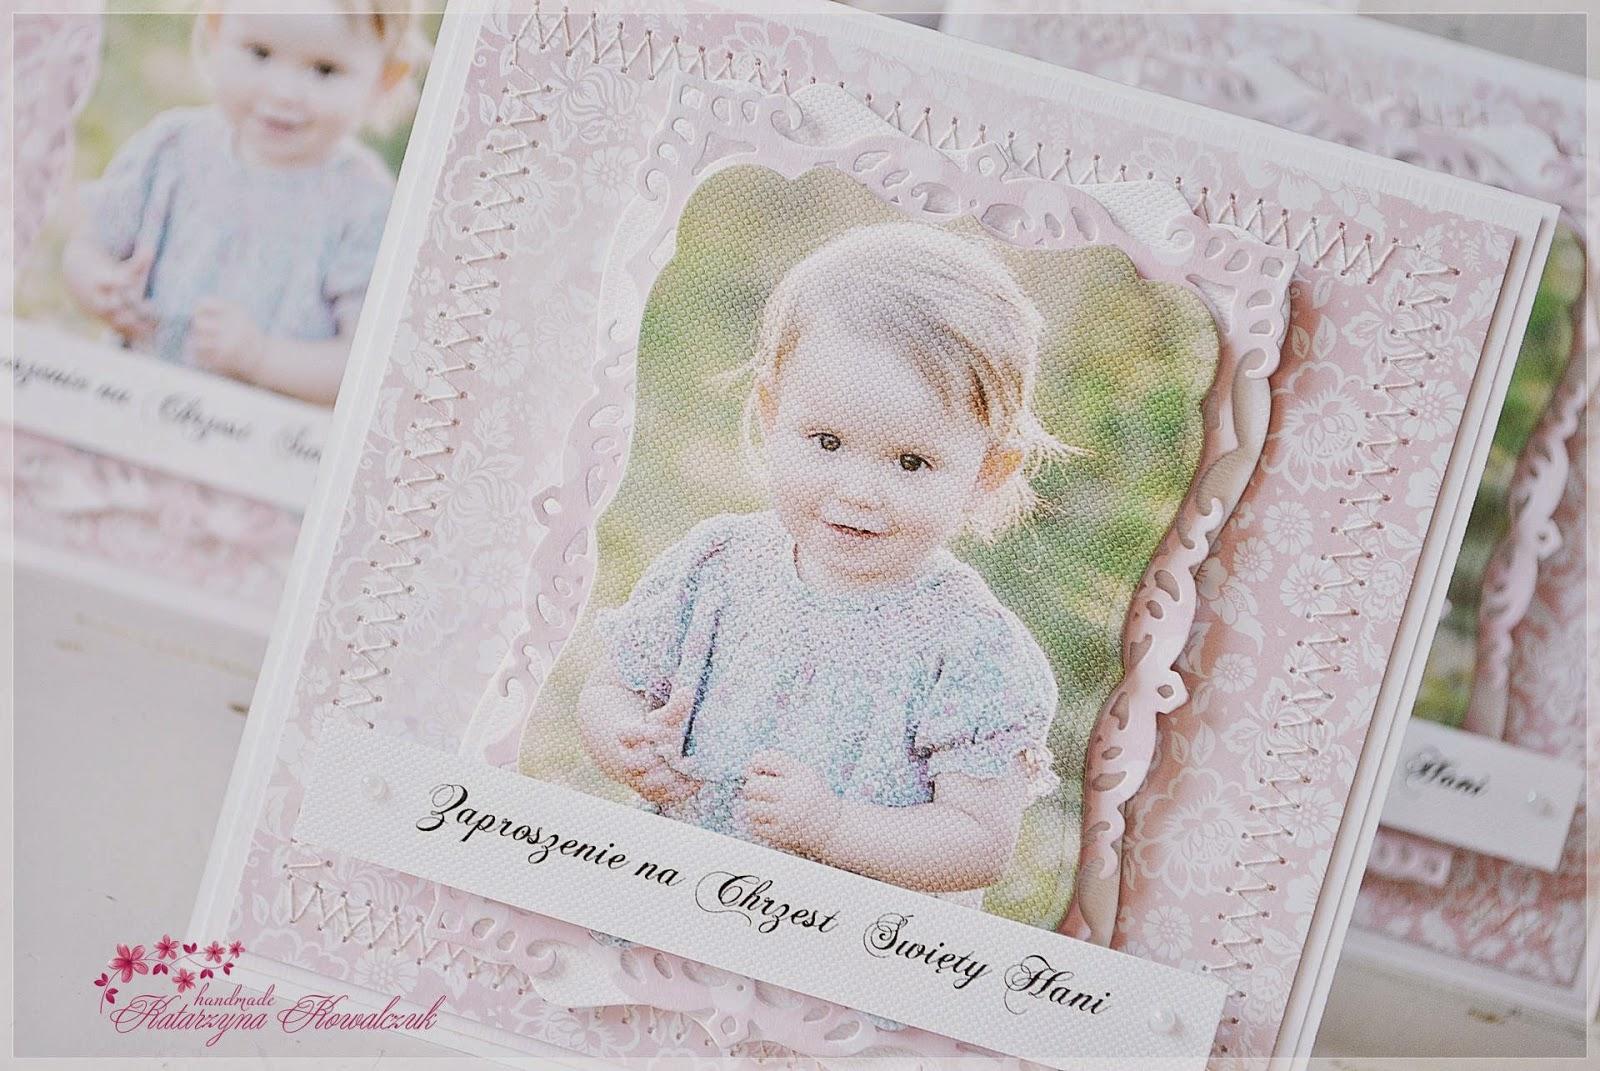 zaproszenie na chrzest święty ze zdjęciem dziecka scrapbooking